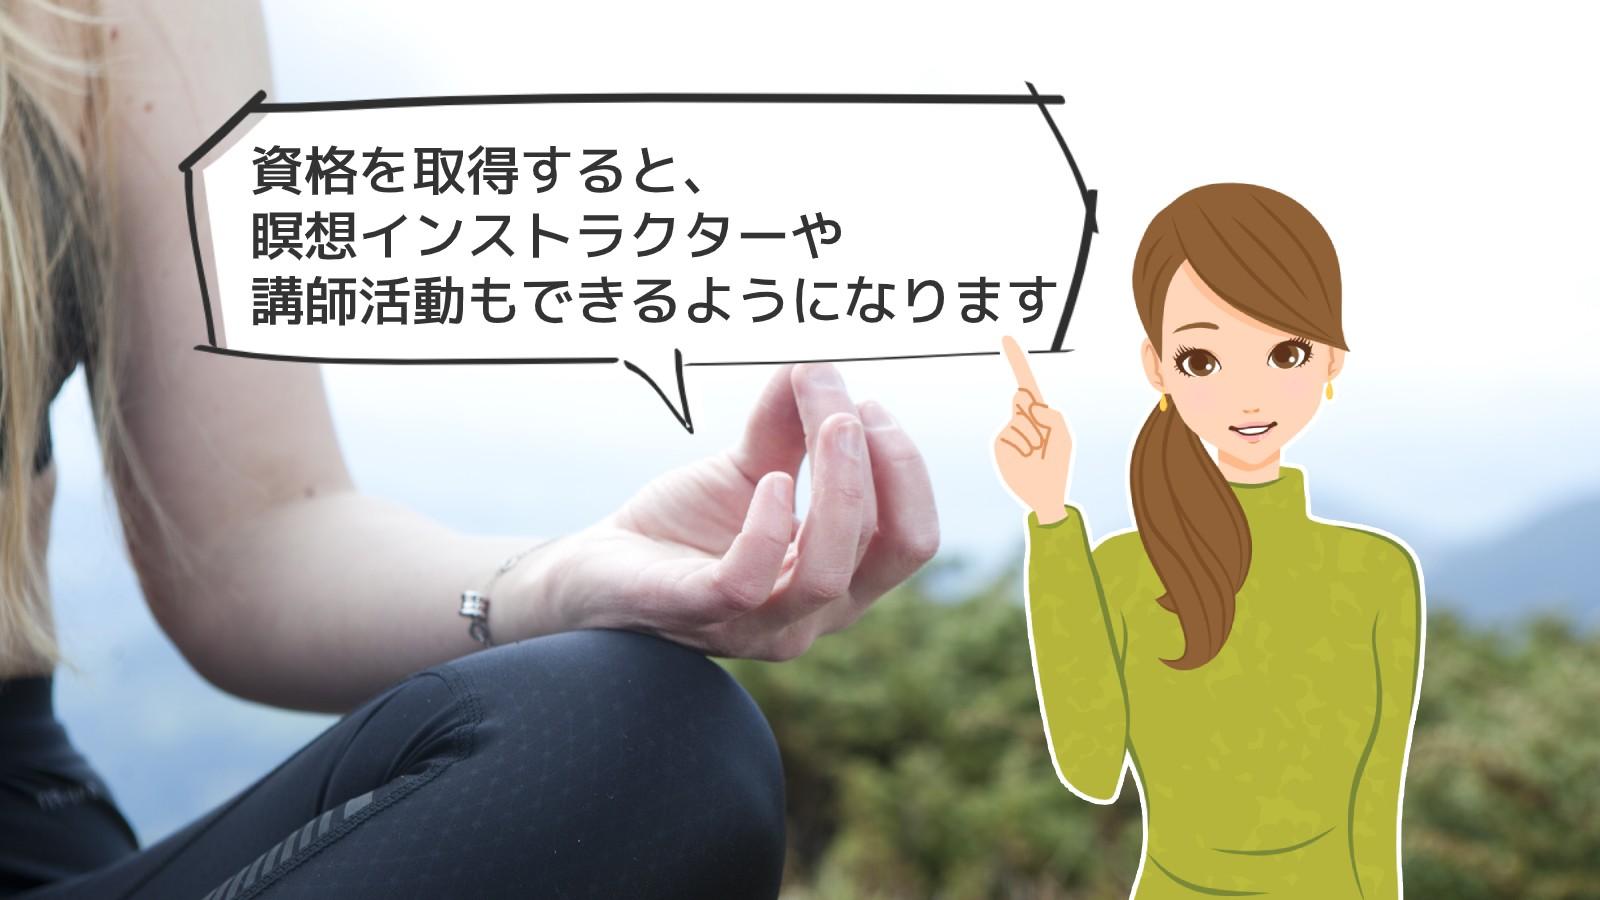 「瞑想インストラクター」のアイキャッチ画像